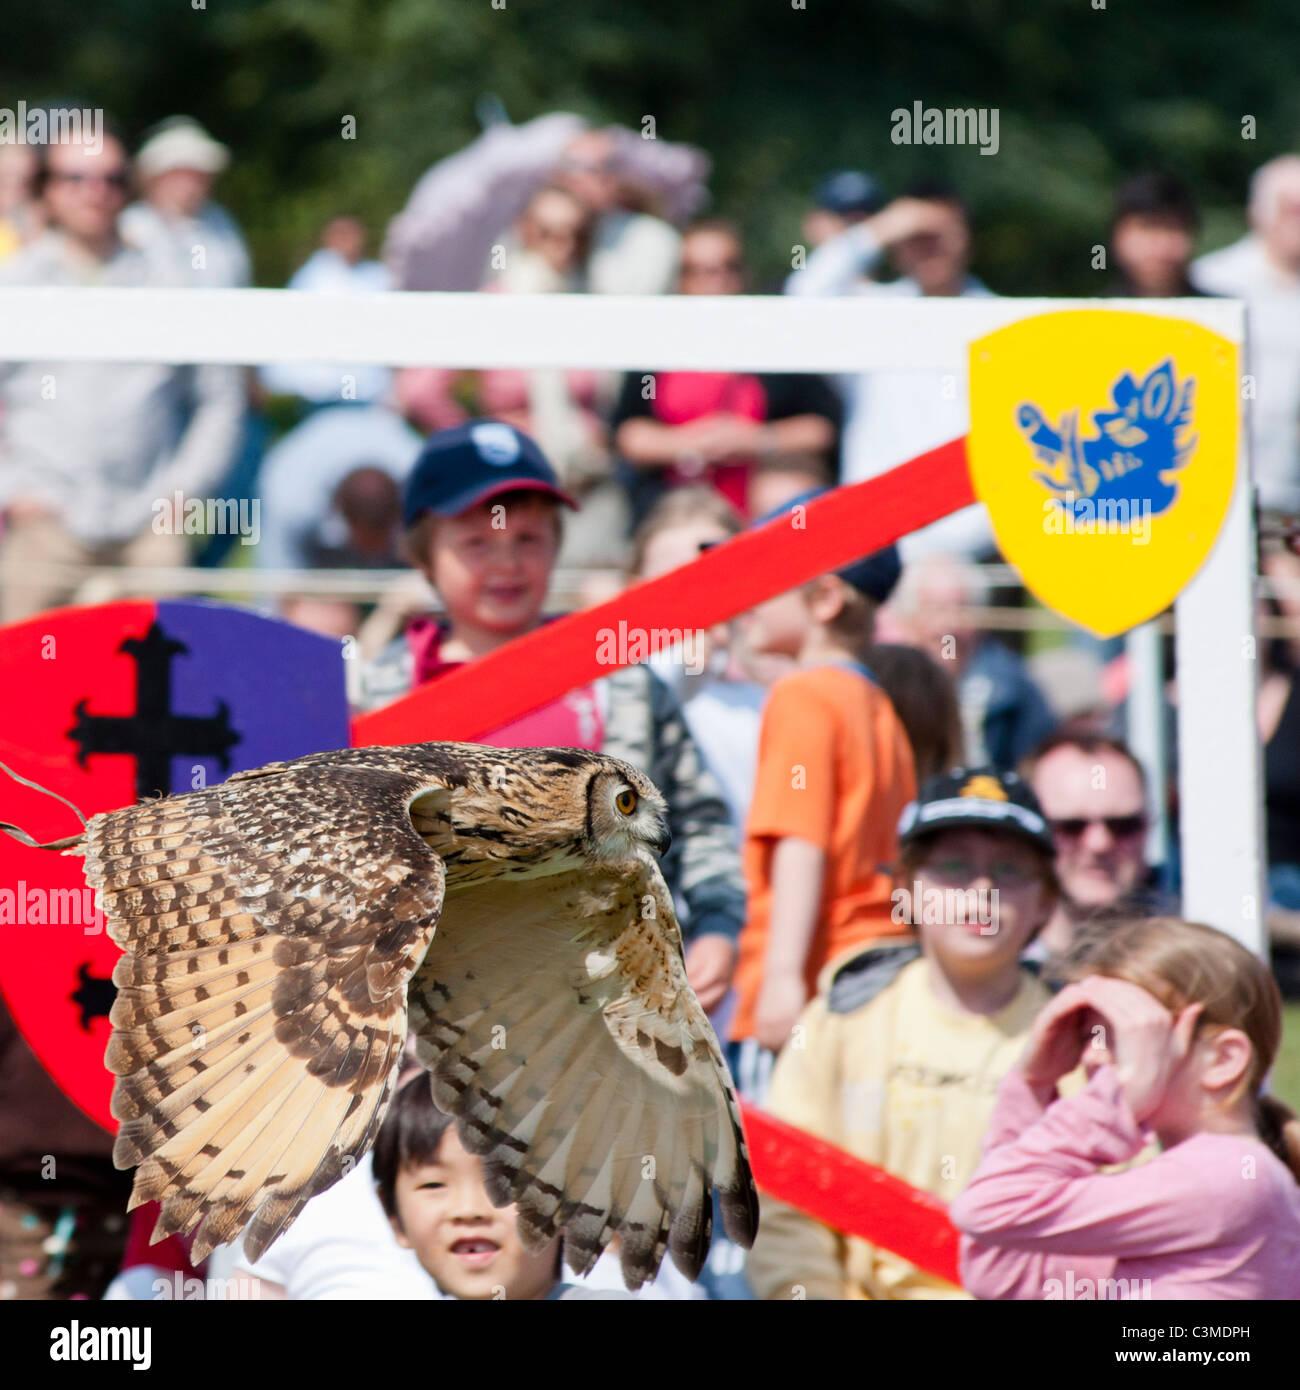 Ein Uhu fliegt in der Nähe von den Massen in einer Falknerei-Anzeige im Blenheim Palace in Oxfordshire, England. Stockbild